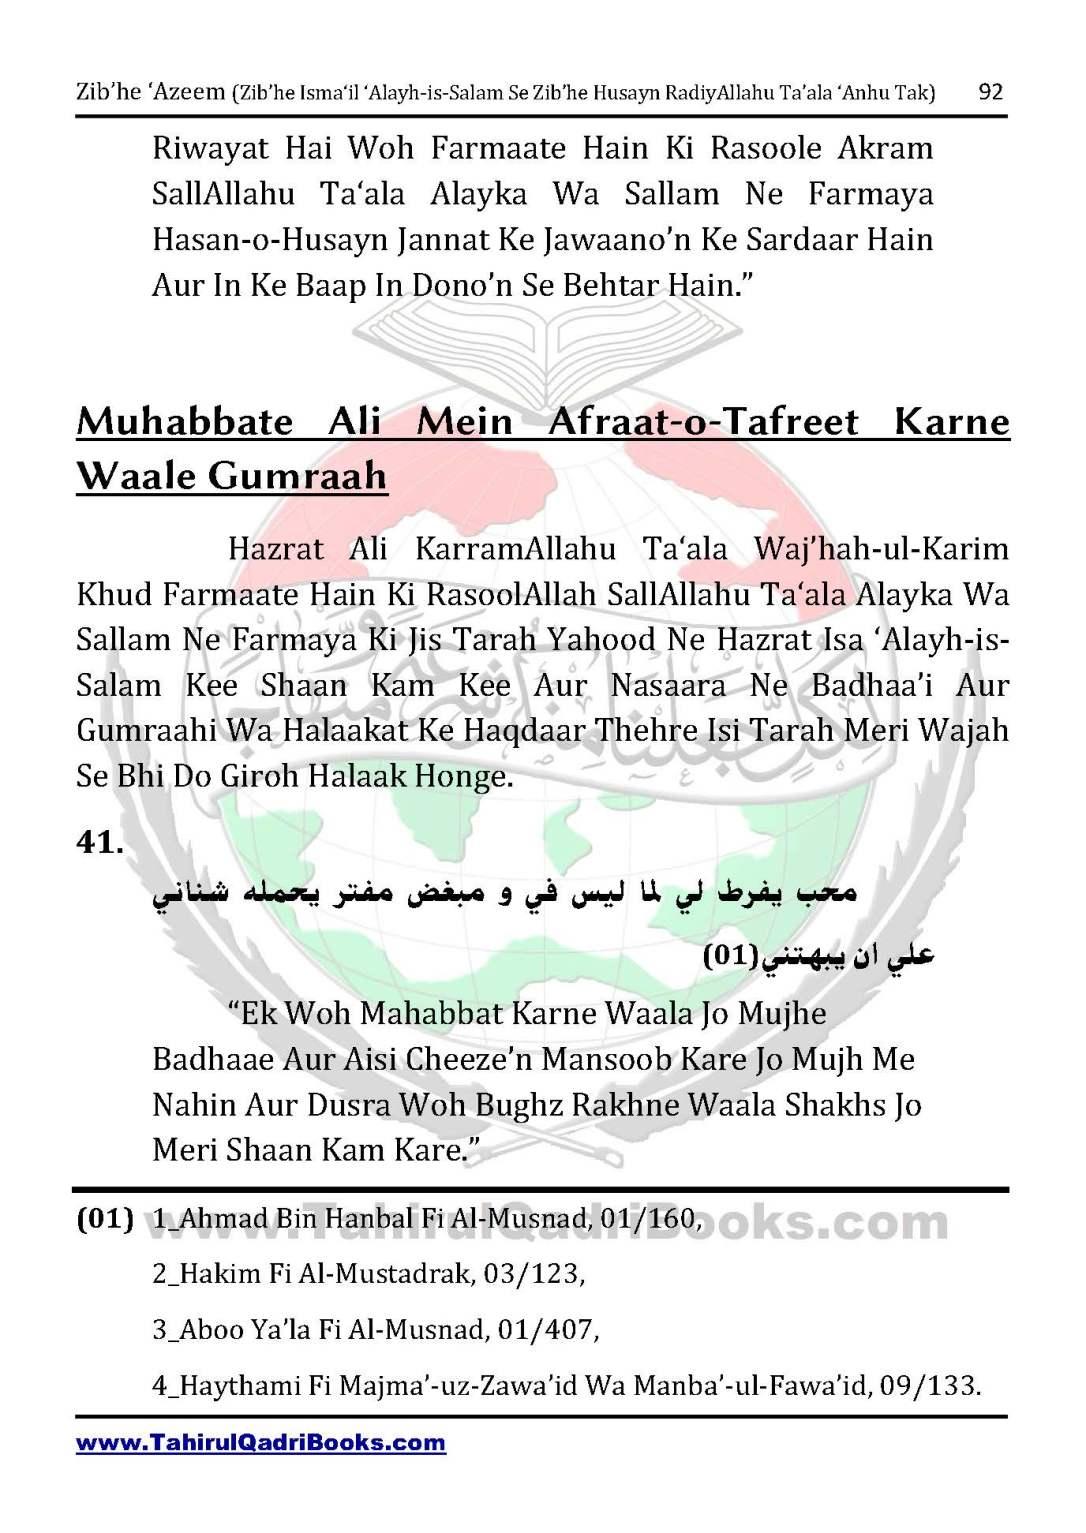 zib_he-e28098azeem-zib_he-ismacabbil-se-zib_he-husayn-tak-in-roman-urdu-unlocked_Page_092